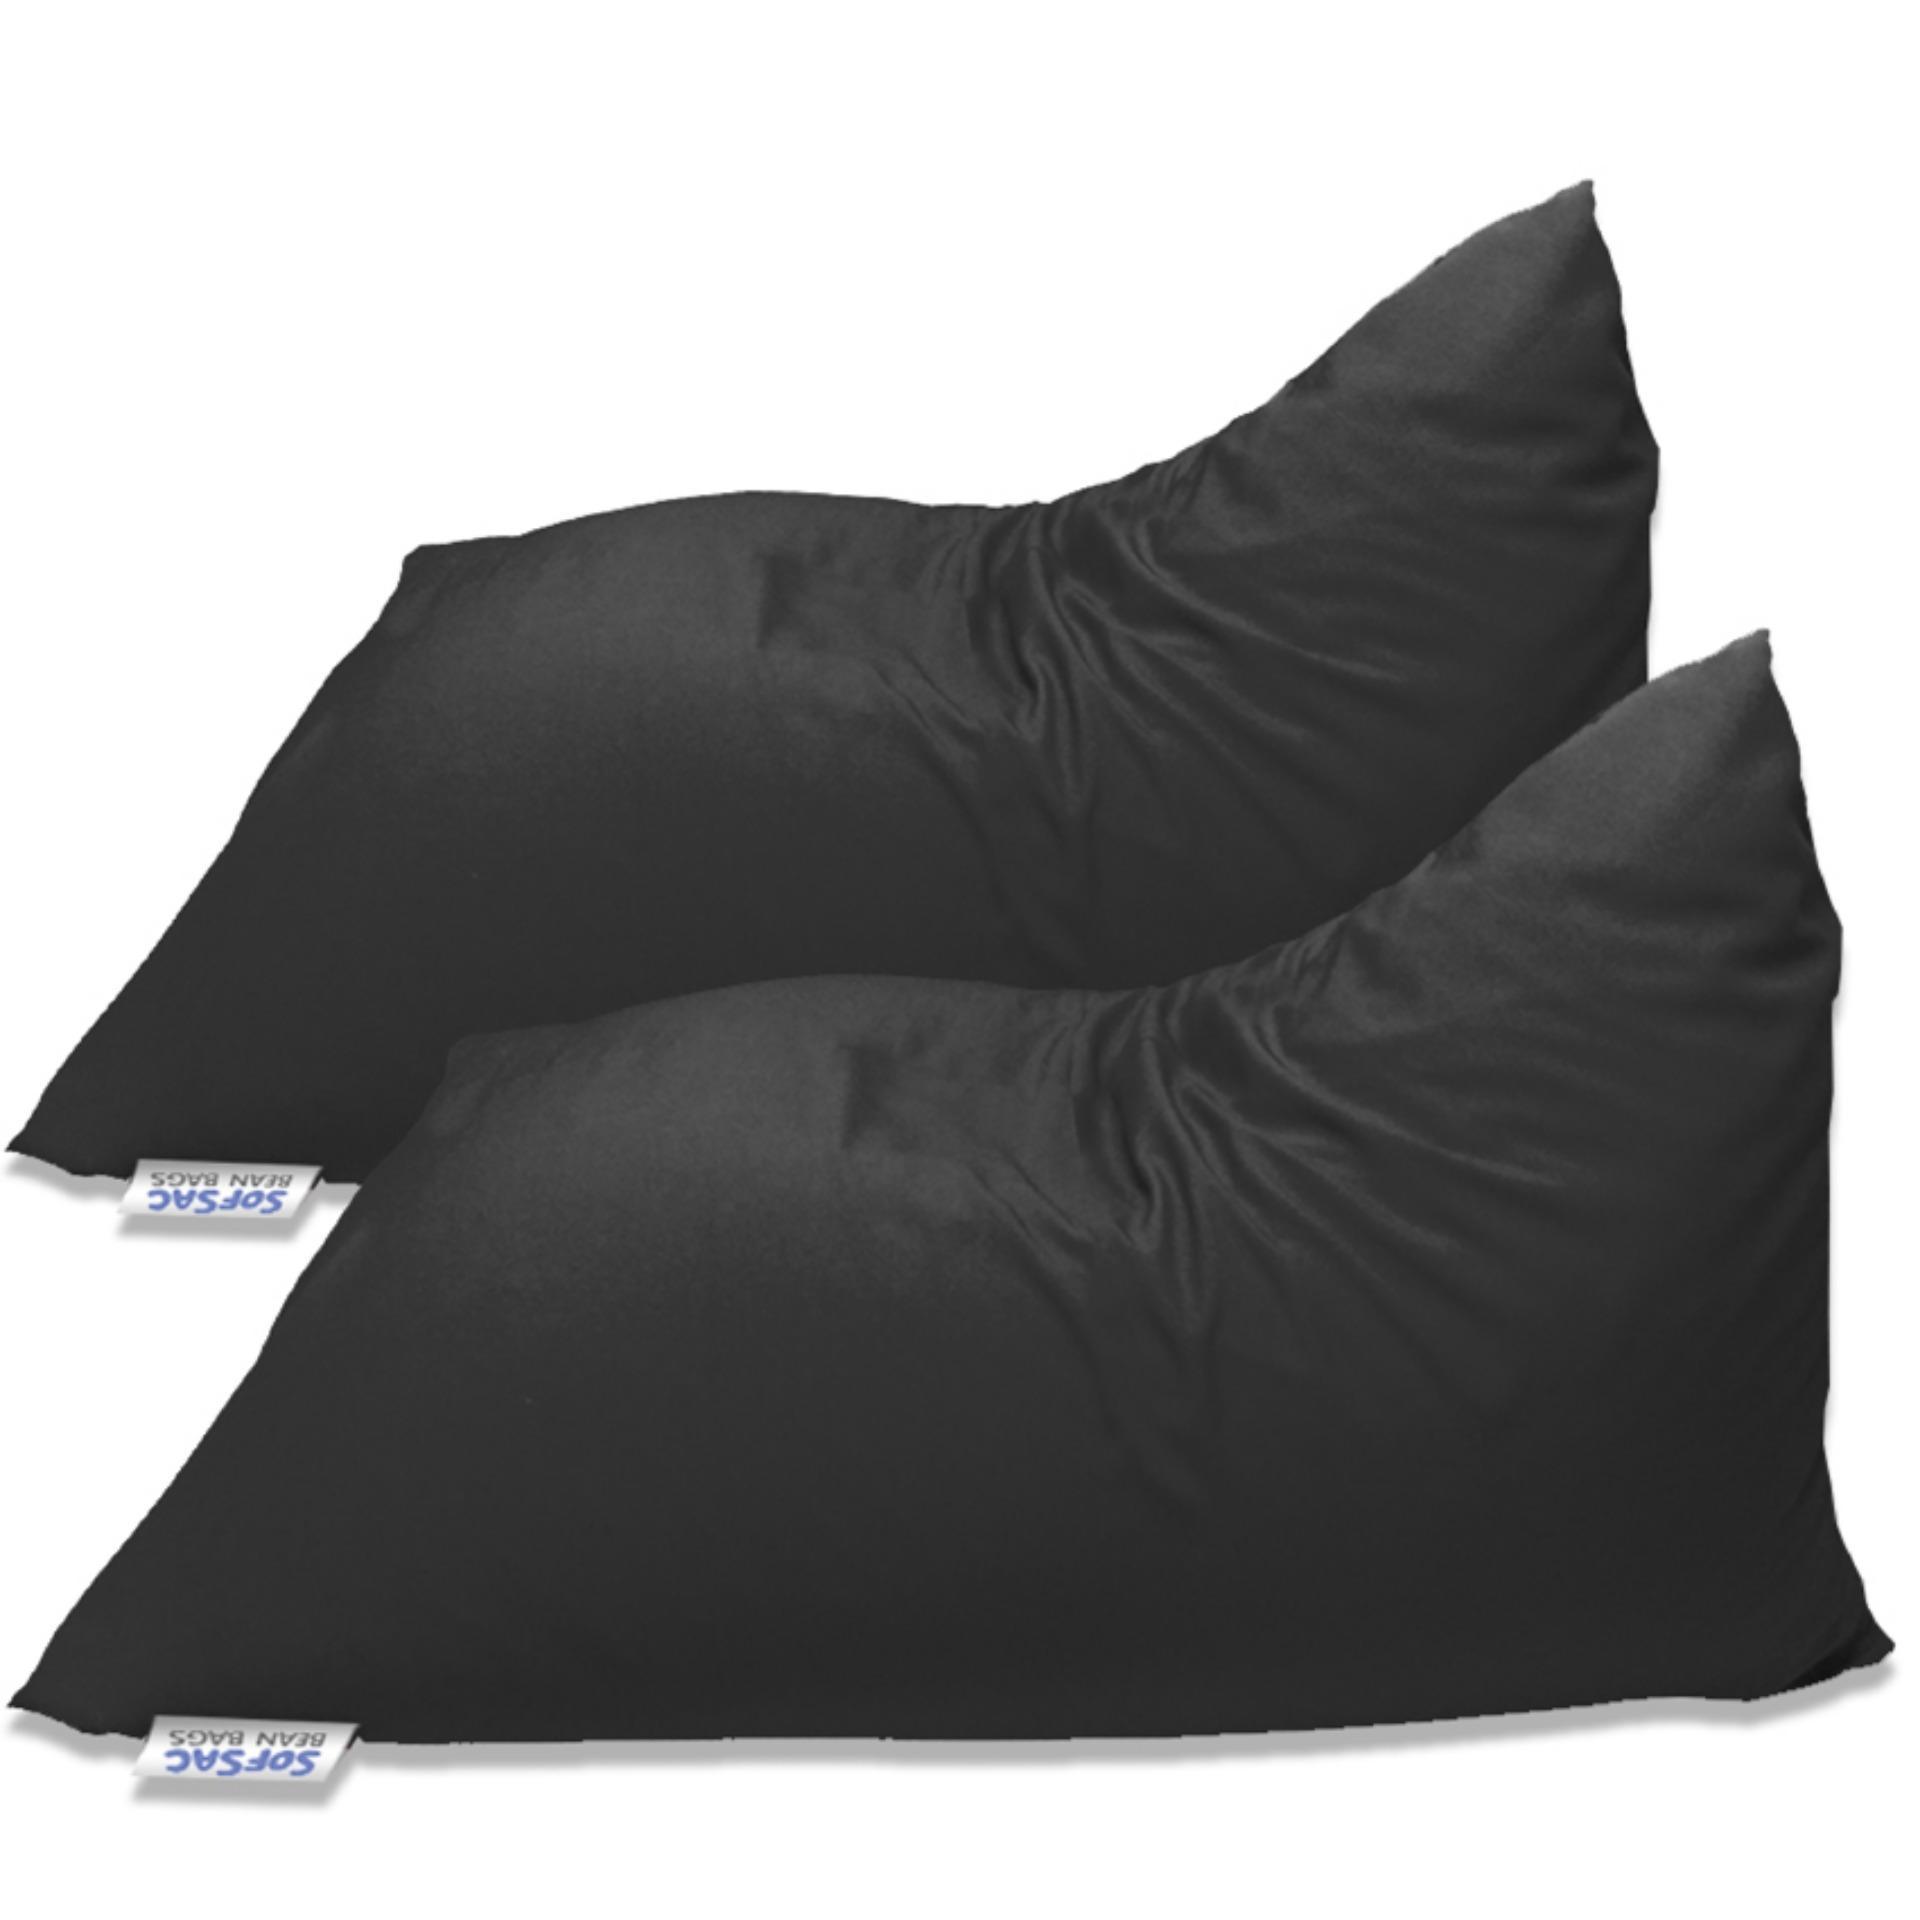 SofSac Triangular Bean Bag Chair Set Of 2